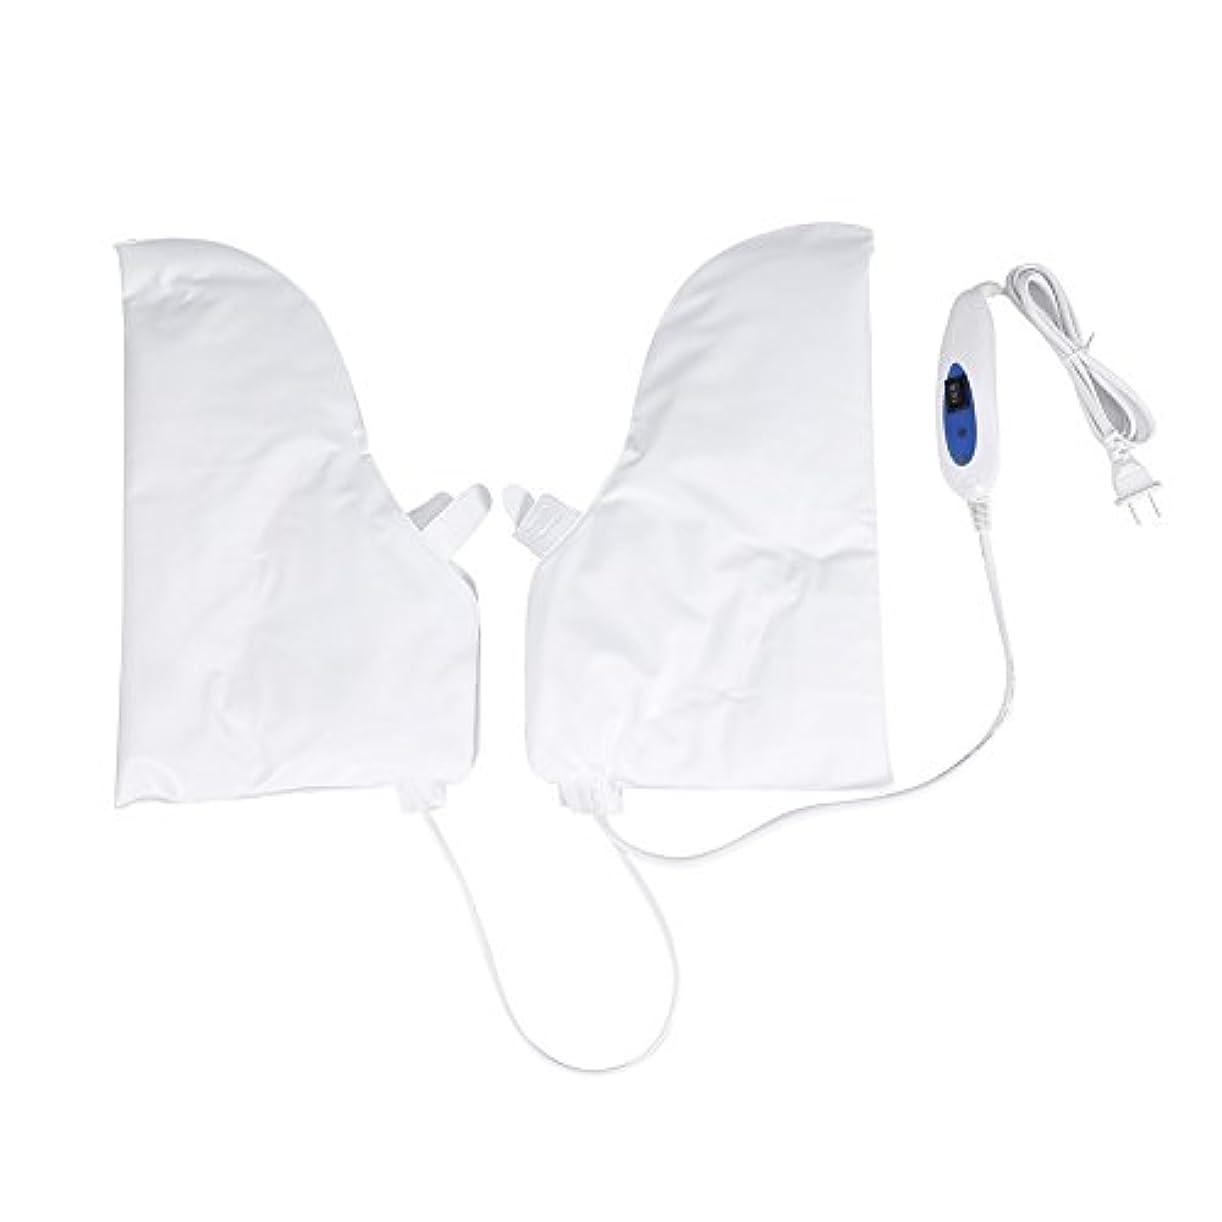 暗くする従事するラグハンドケア フットカバー 2 in 1 蒸し手袋 うるおい 保湿 保護 乾燥対策 手荒れ対策 補水 保湿 美白 しっとり 美容 手袋 加熱式 電熱手袋